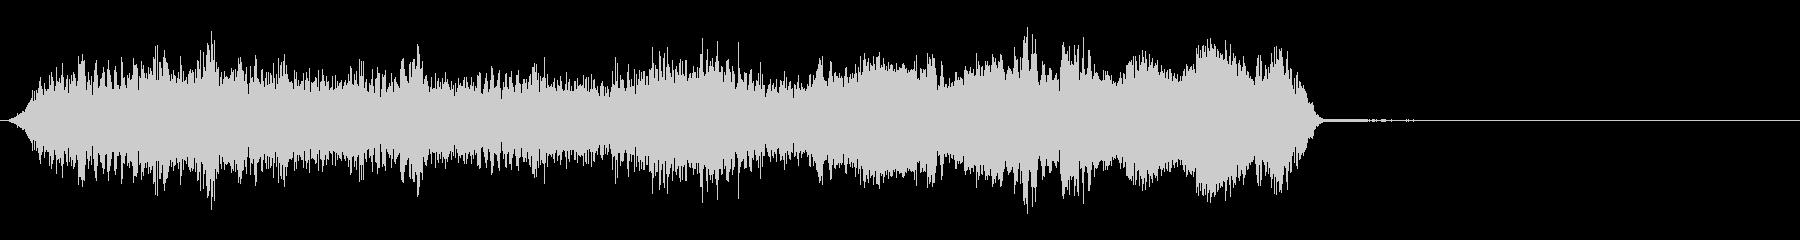 ハーディ・ガーディ:ワイルド・アク...の未再生の波形